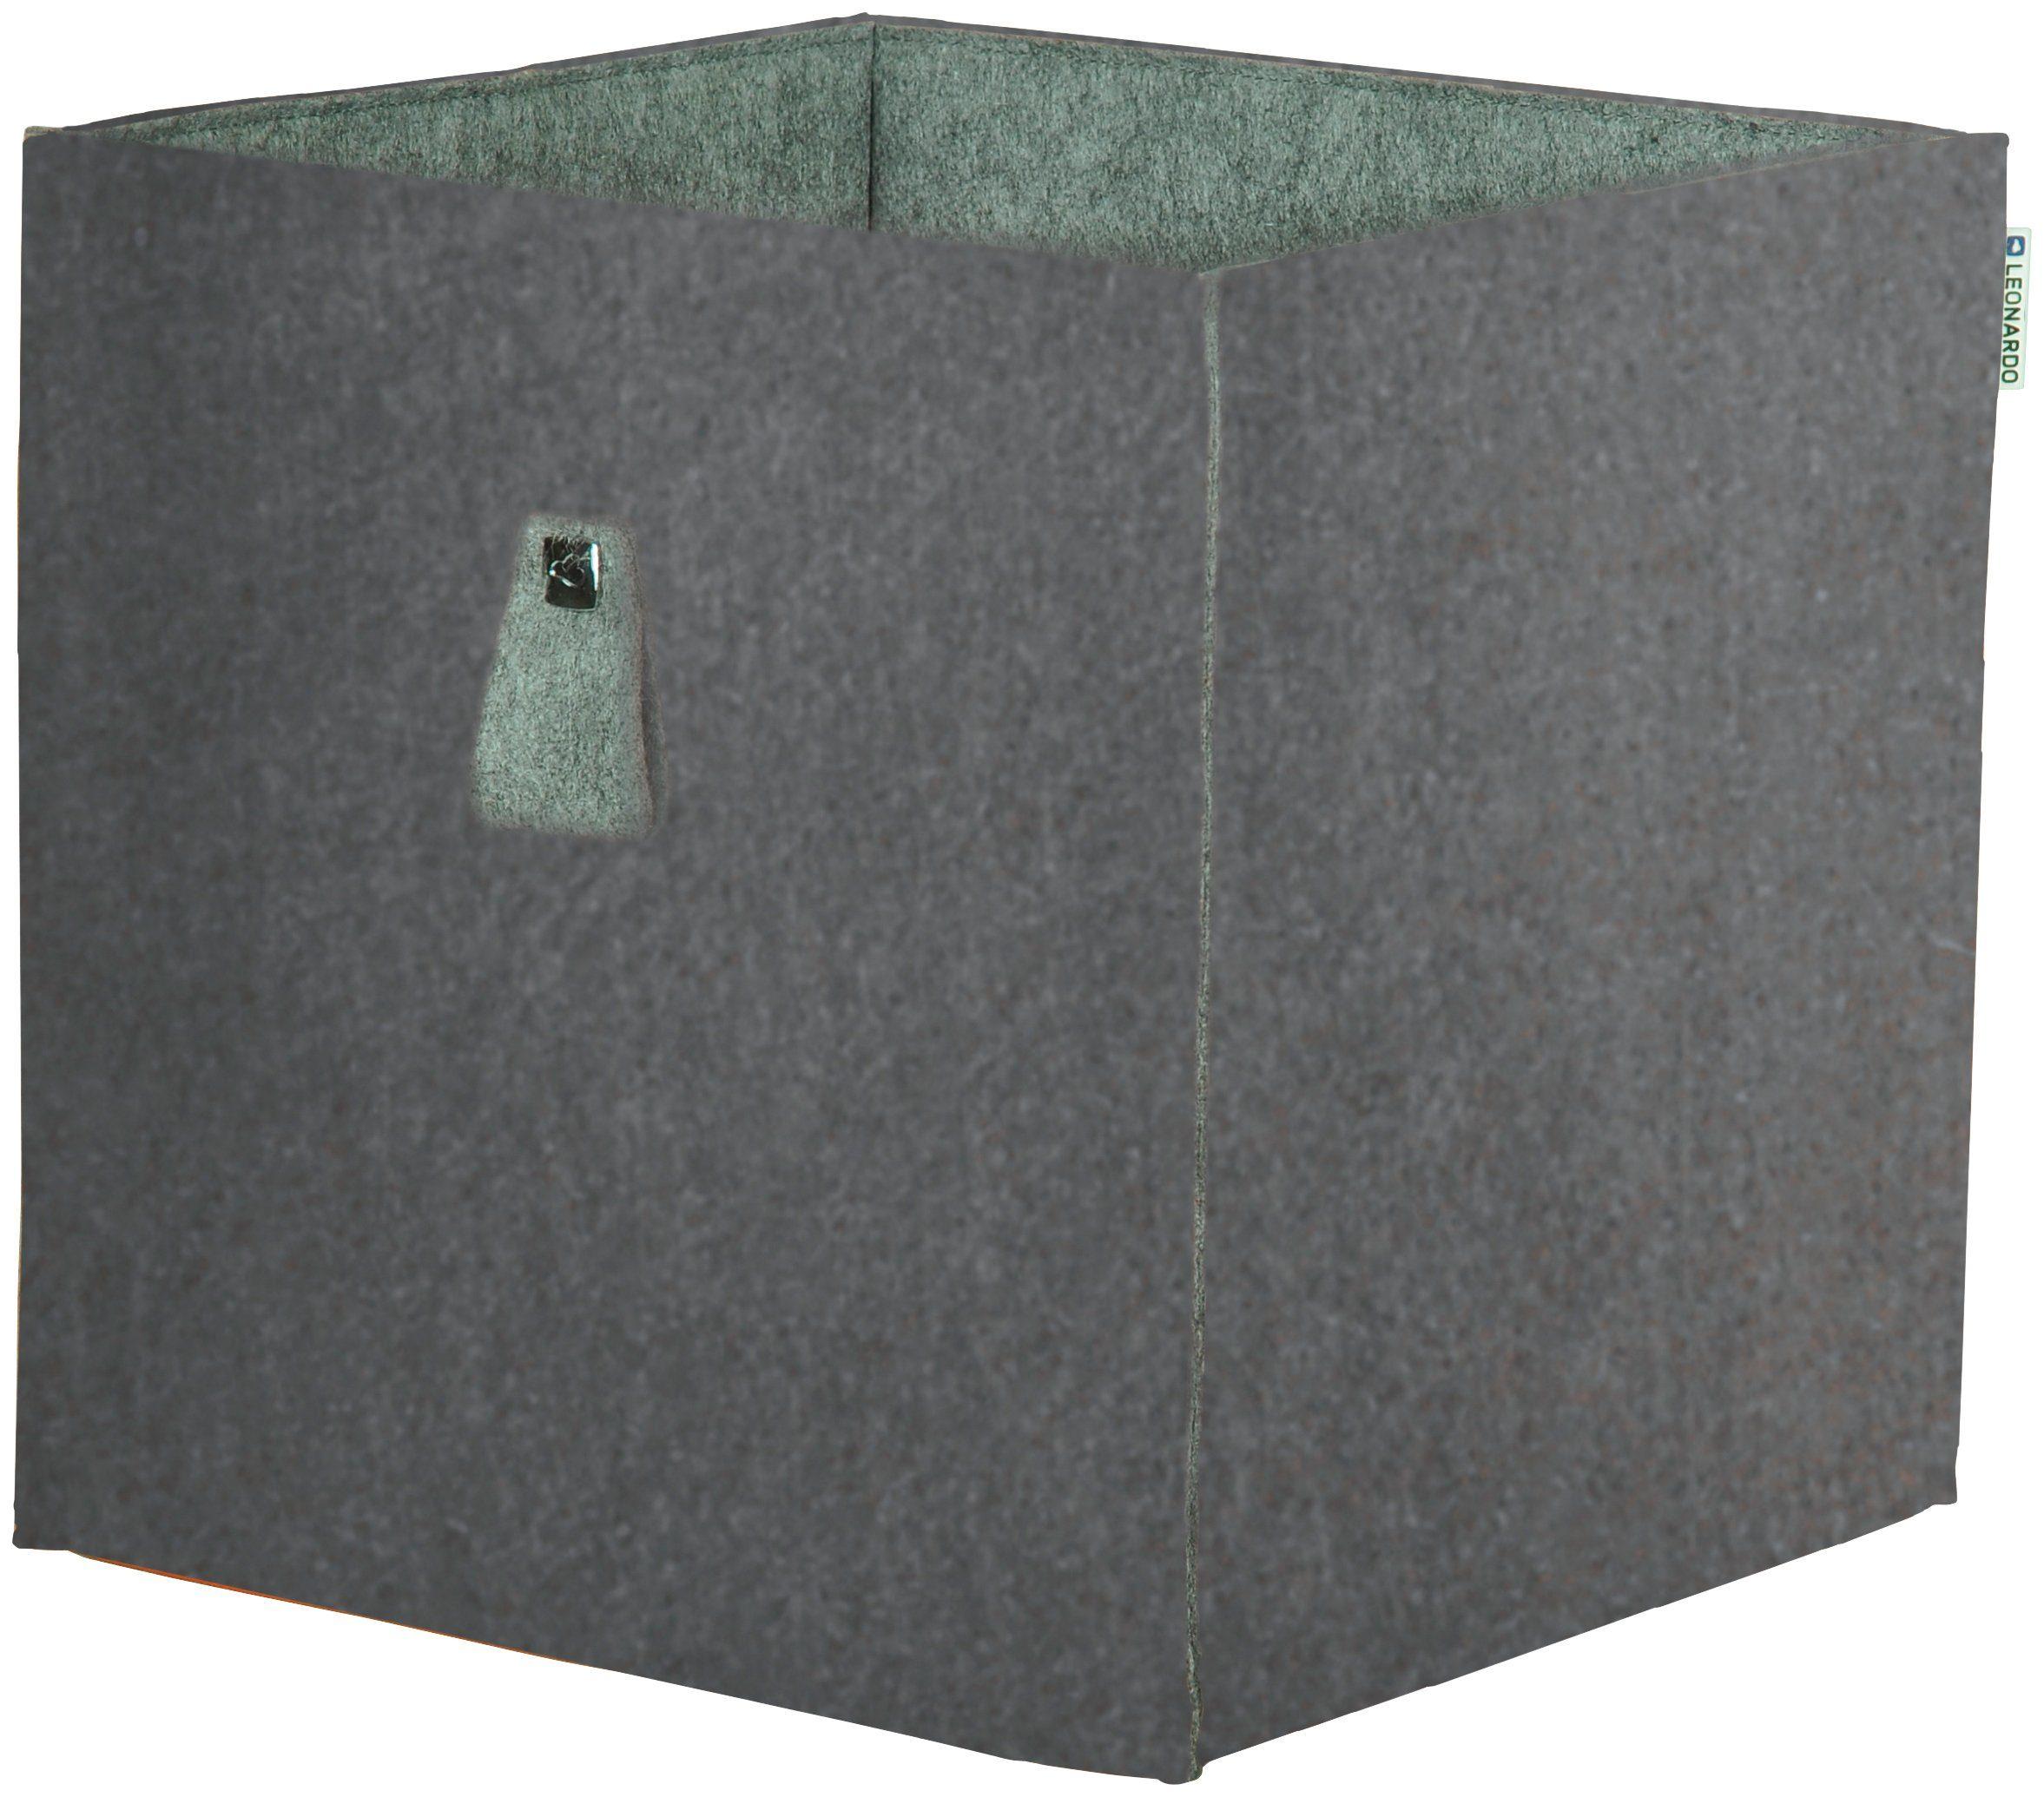 PHOENIX Aufbewahrungsbox »Atlanta«, B/H/T: 34x34x34 cm